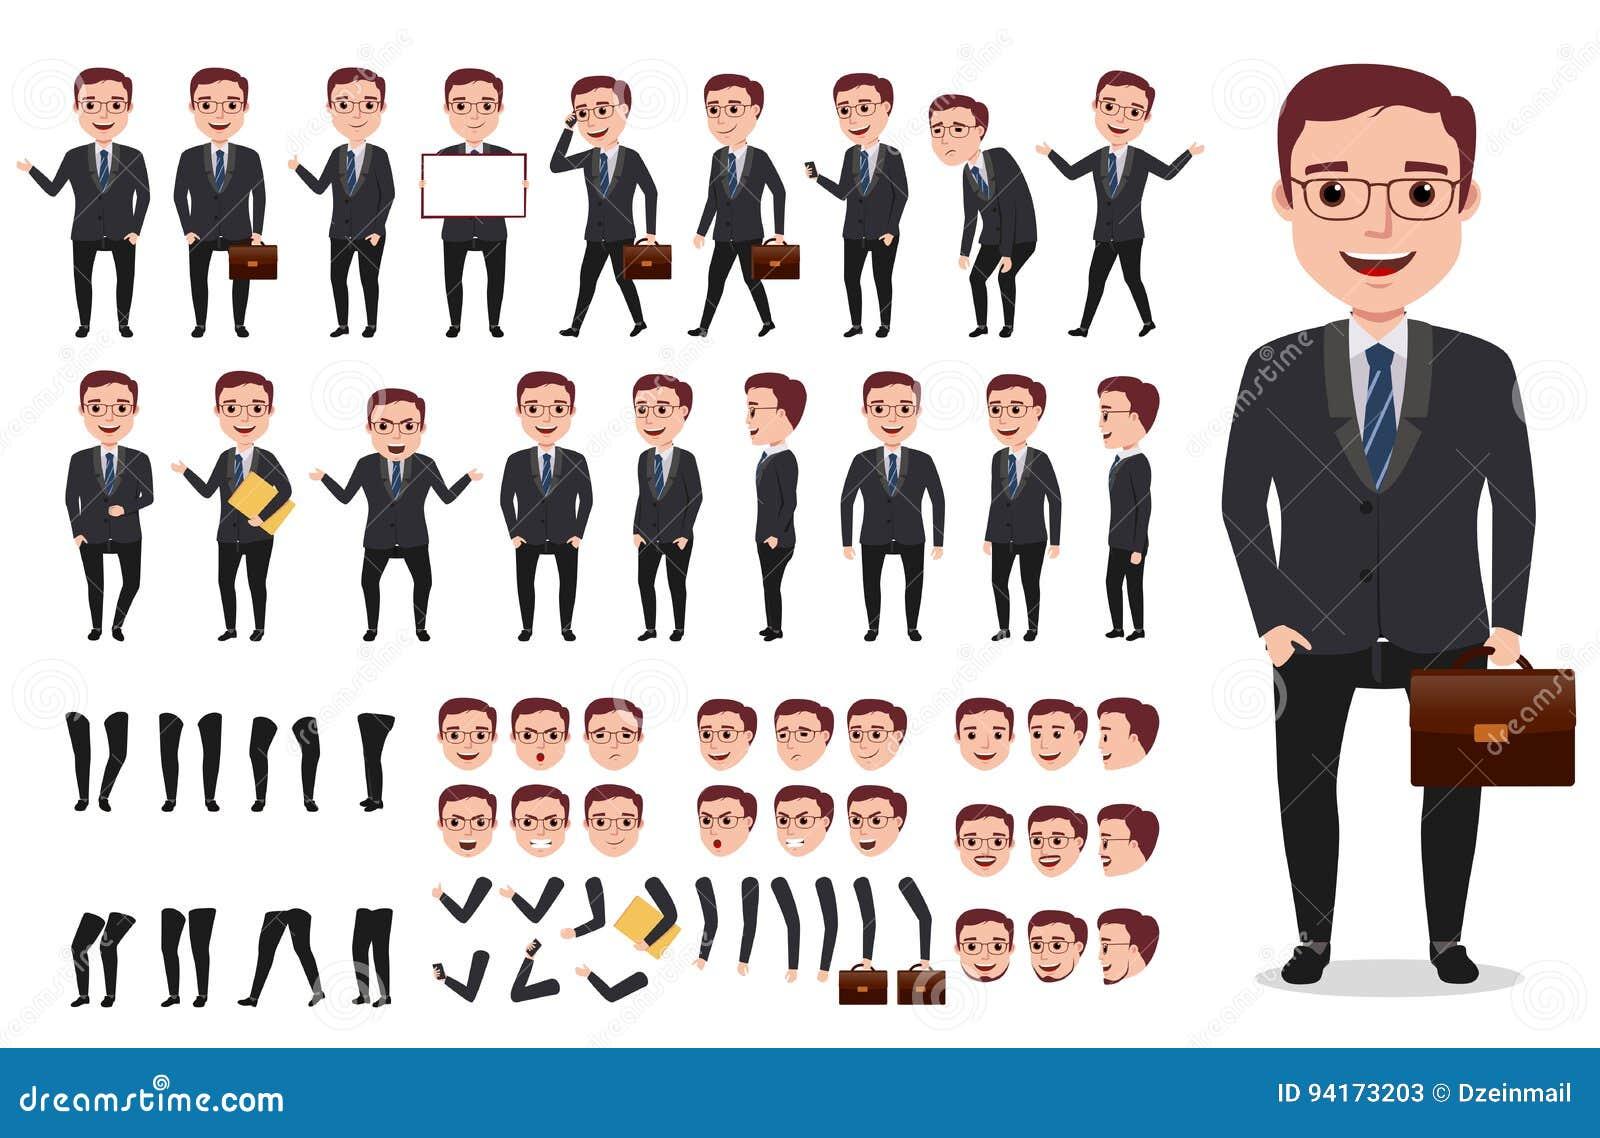 För vektortecken för affärsman eller för kontor manlig sats för skapelse Uppsättning av klart att använda tecken